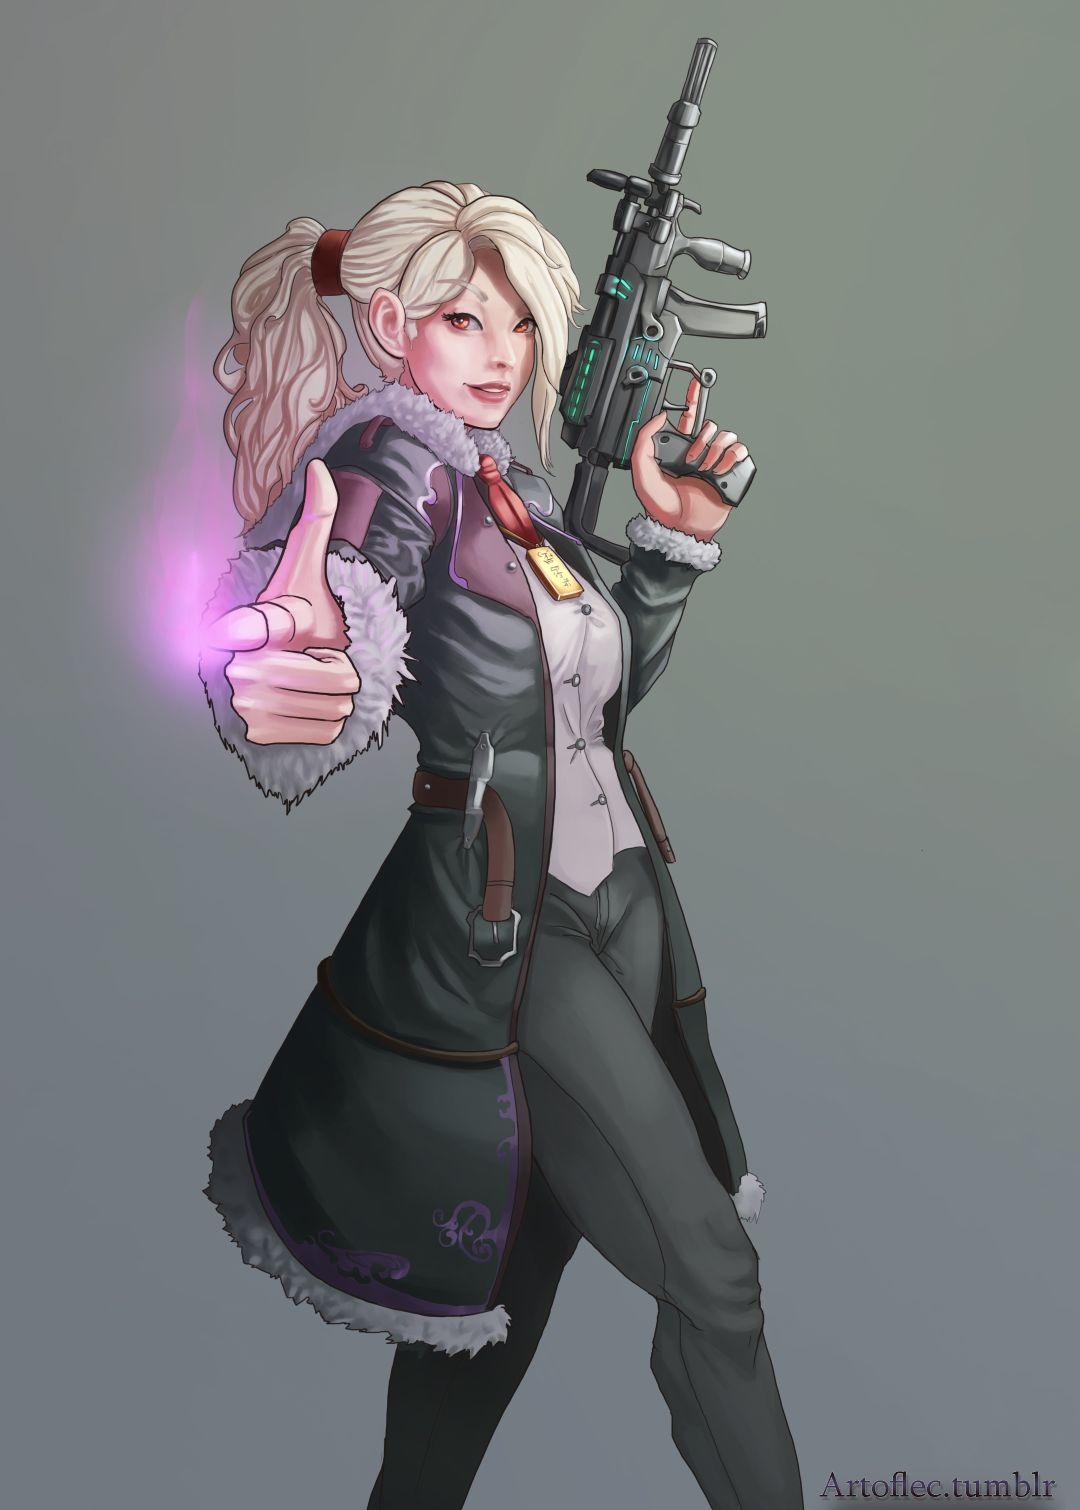 Shadowrun Character